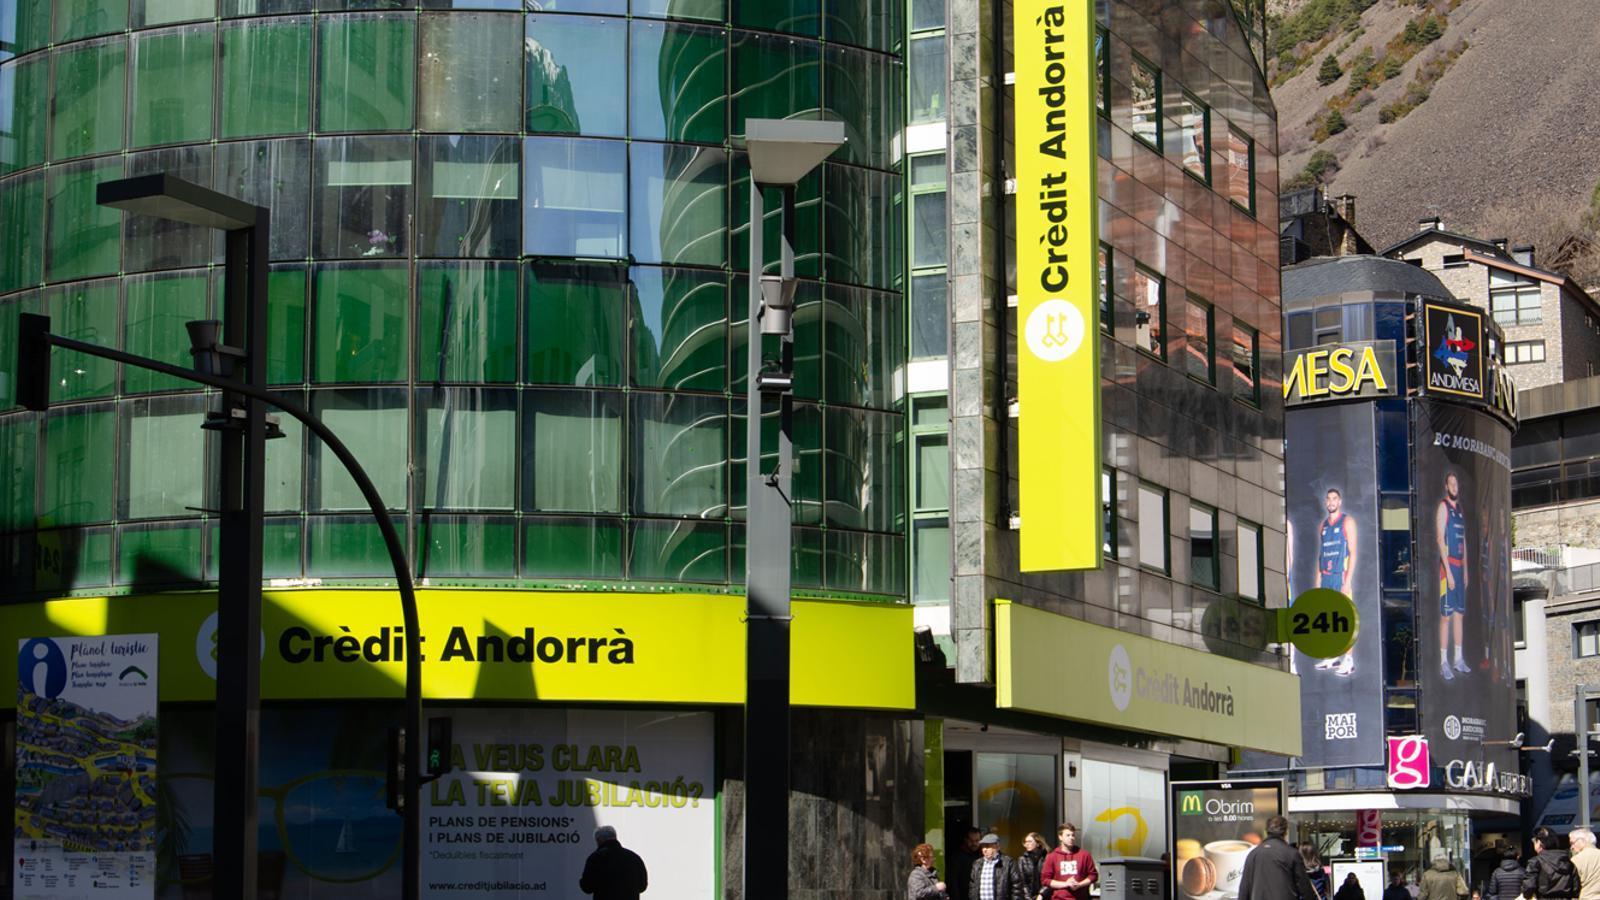 Seu central de Crèdit Andorrà / D. R. (ANA)